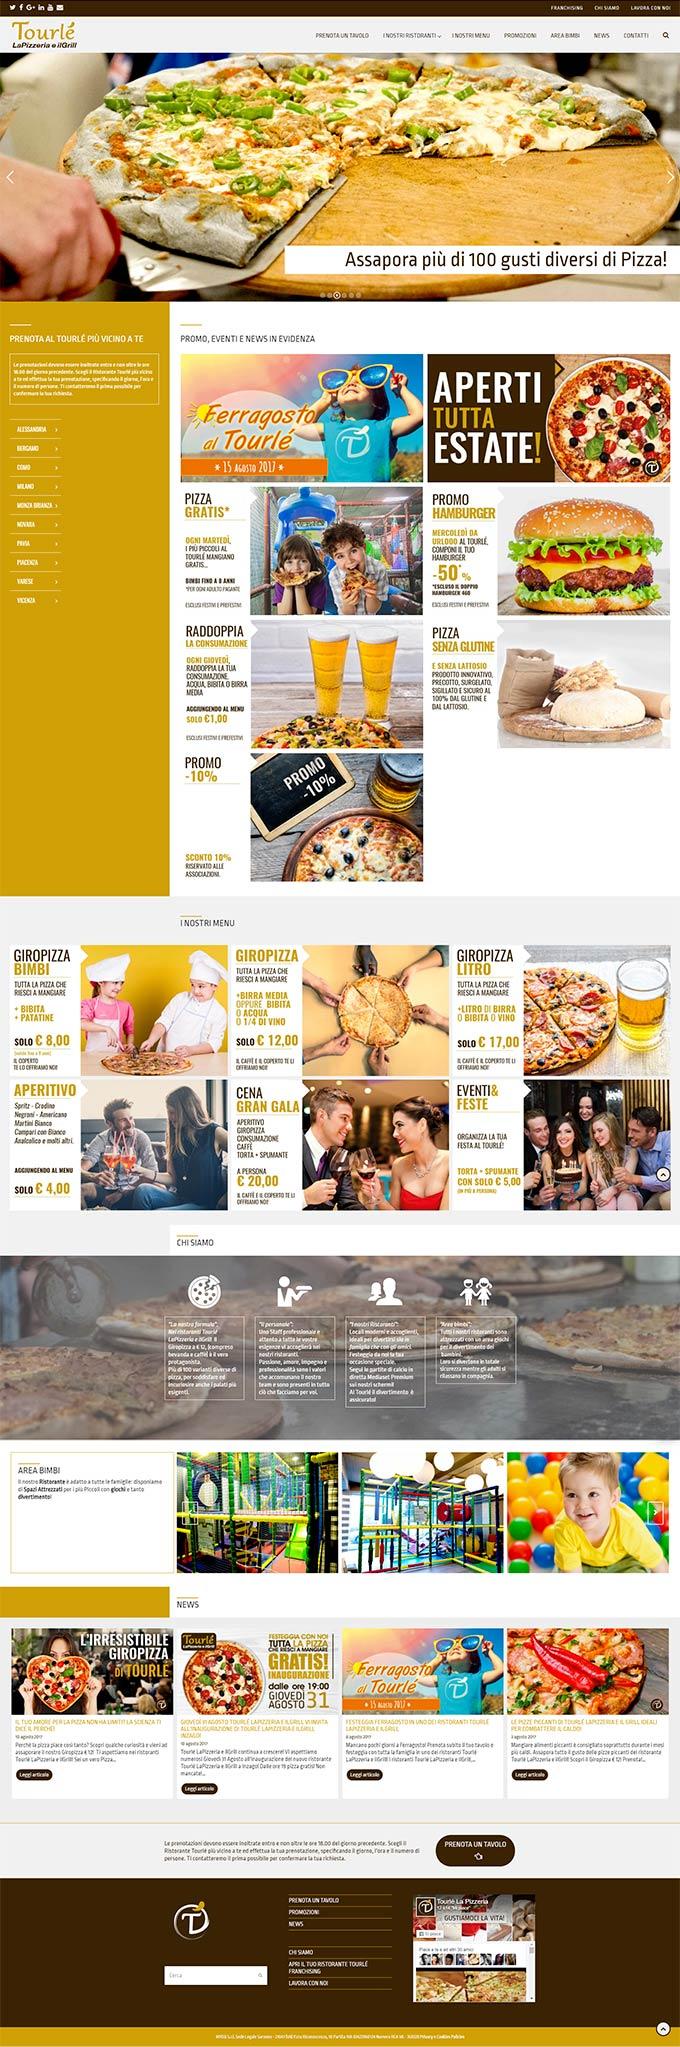 Sito-settore-food-homepage-Tourle-La-Pizzeria-e-il-Grill